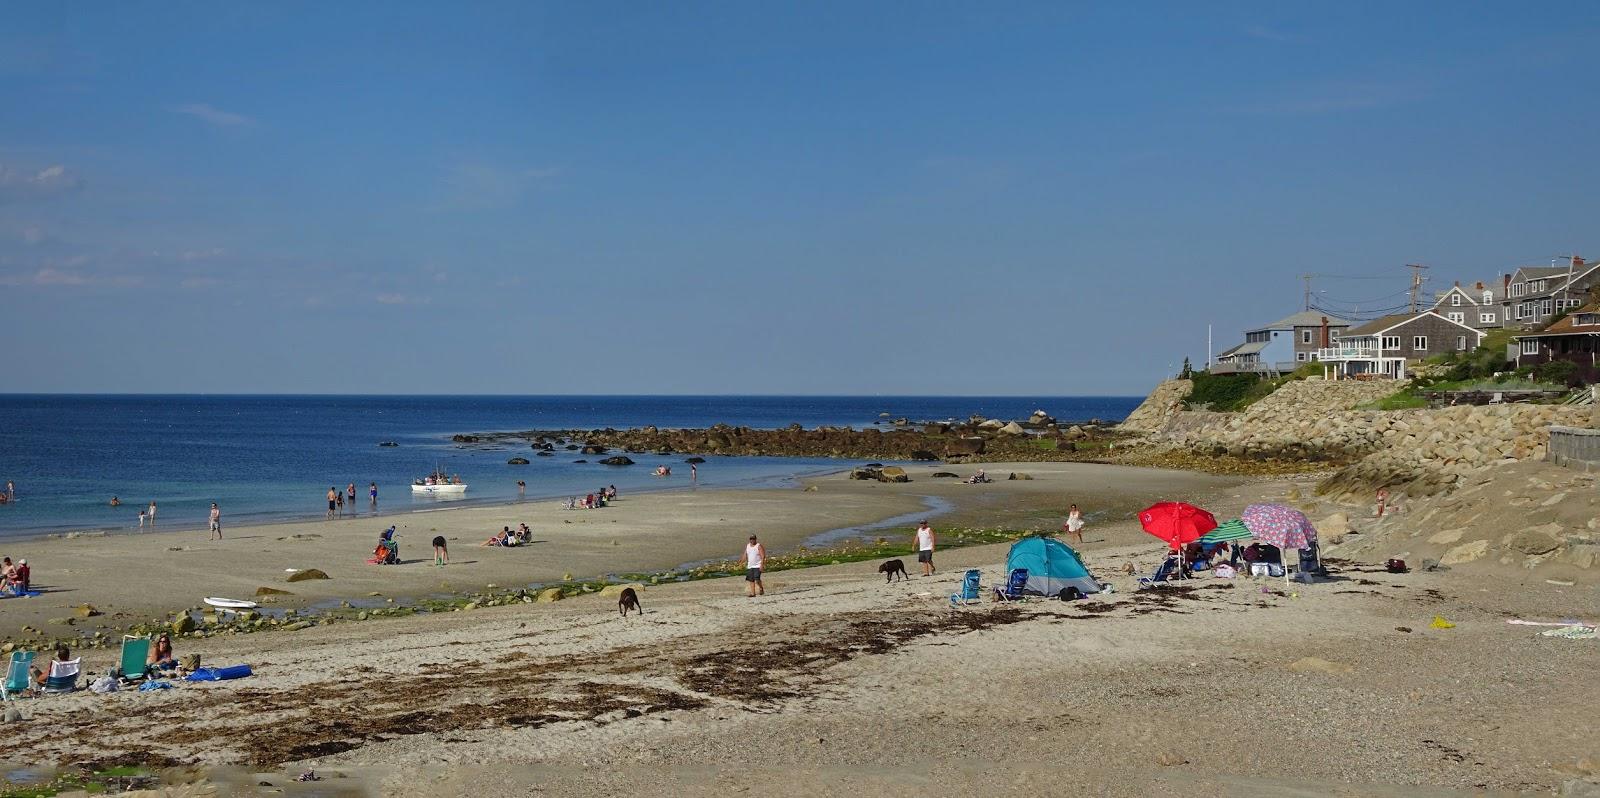 Joe's Retirement Blog: Panorama, White Horse Beach, Manomet